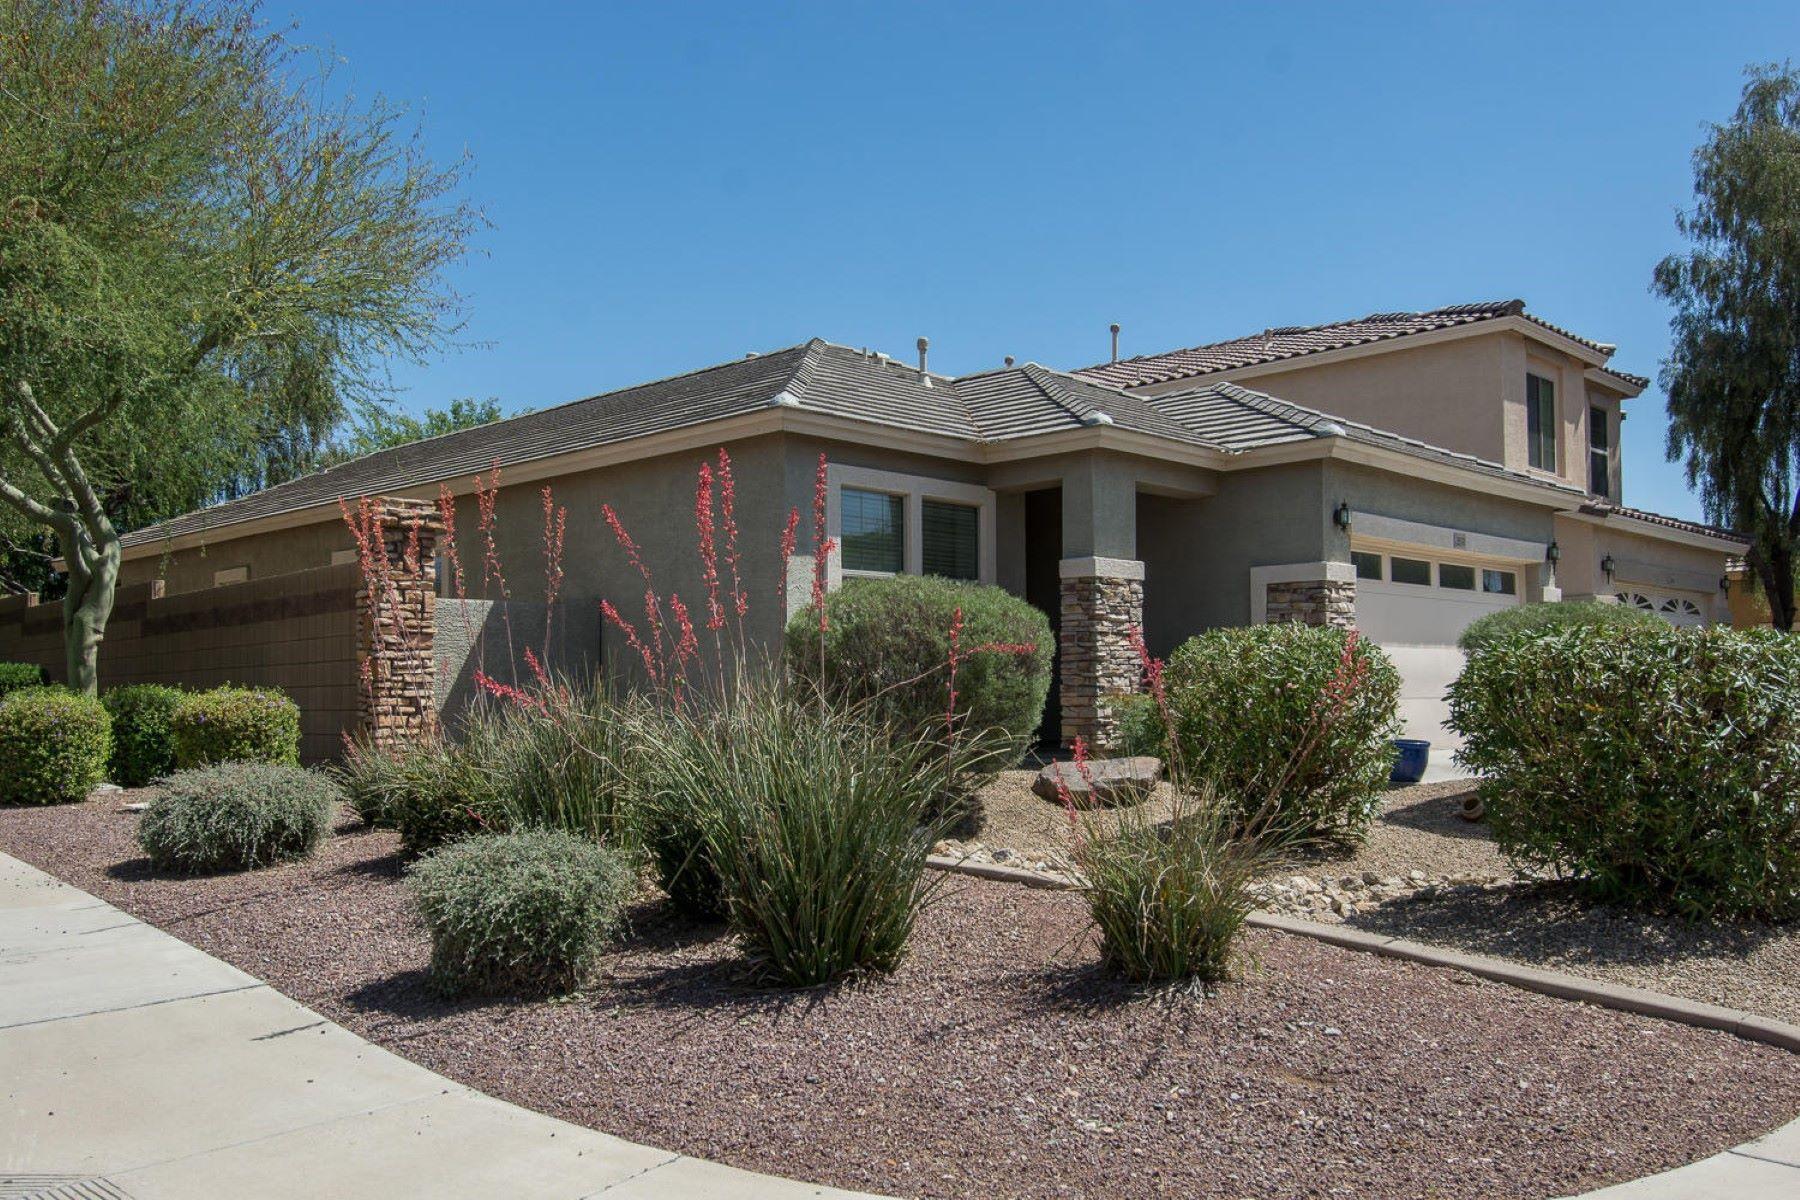 Maison unifamiliale pour l Vente à Fantastic Phoenix Home 2570 W Granite Pass Rd Phoenix, Arizona, 85085 États-Unis